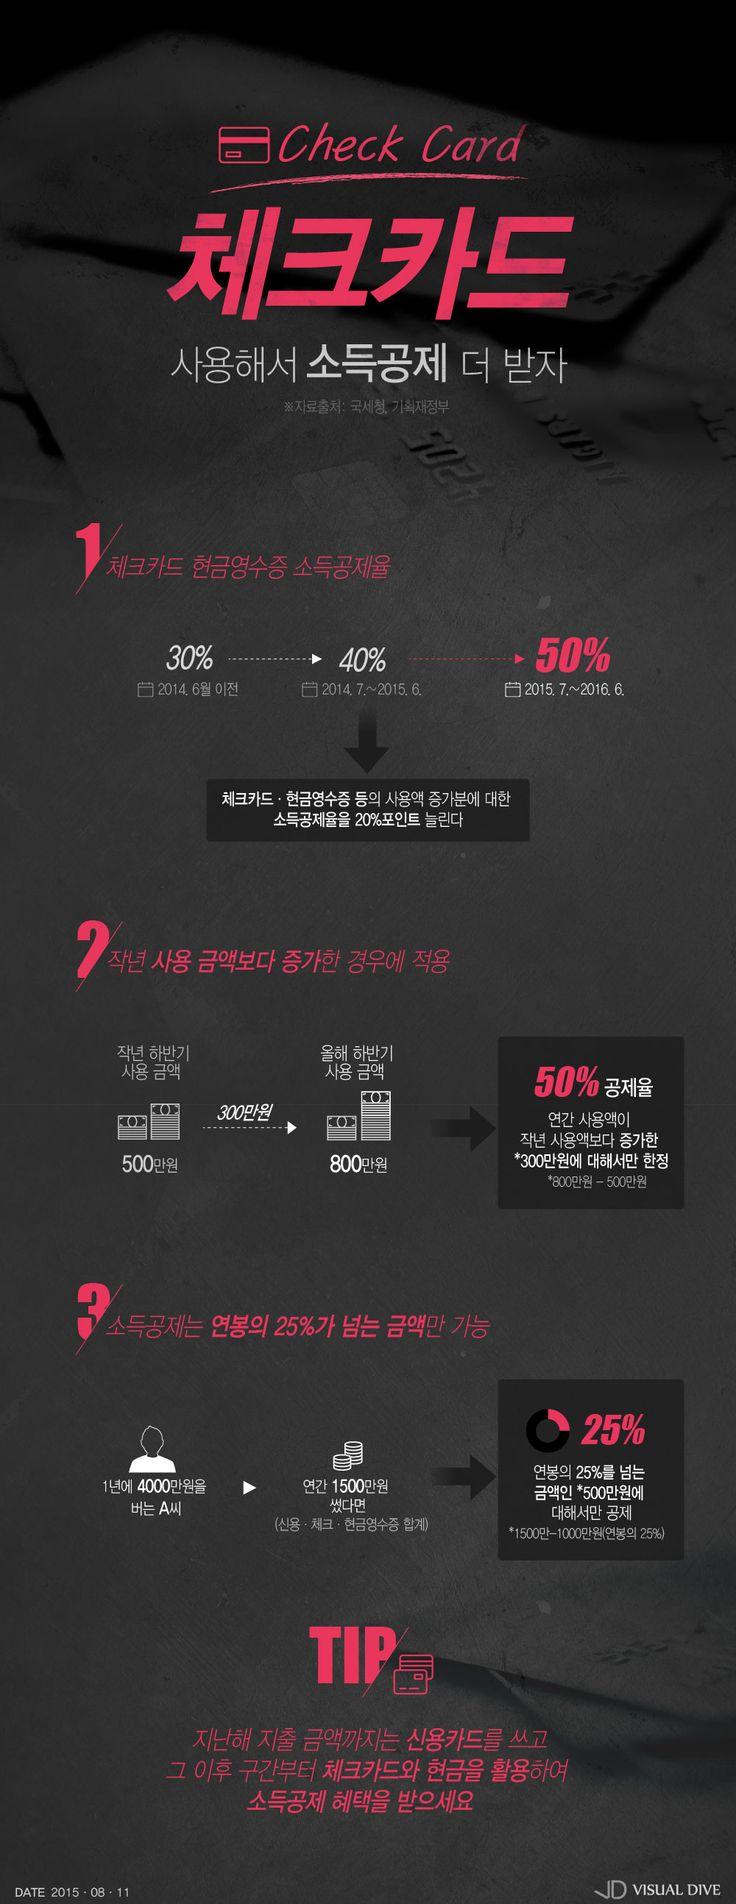 체크카드·현금영수증 소득공제율 30%→50% 확대 [인포그래픽] #Card / #Infographic ⓒ 비주얼다이브 무단 복사·전재·재배포 금지